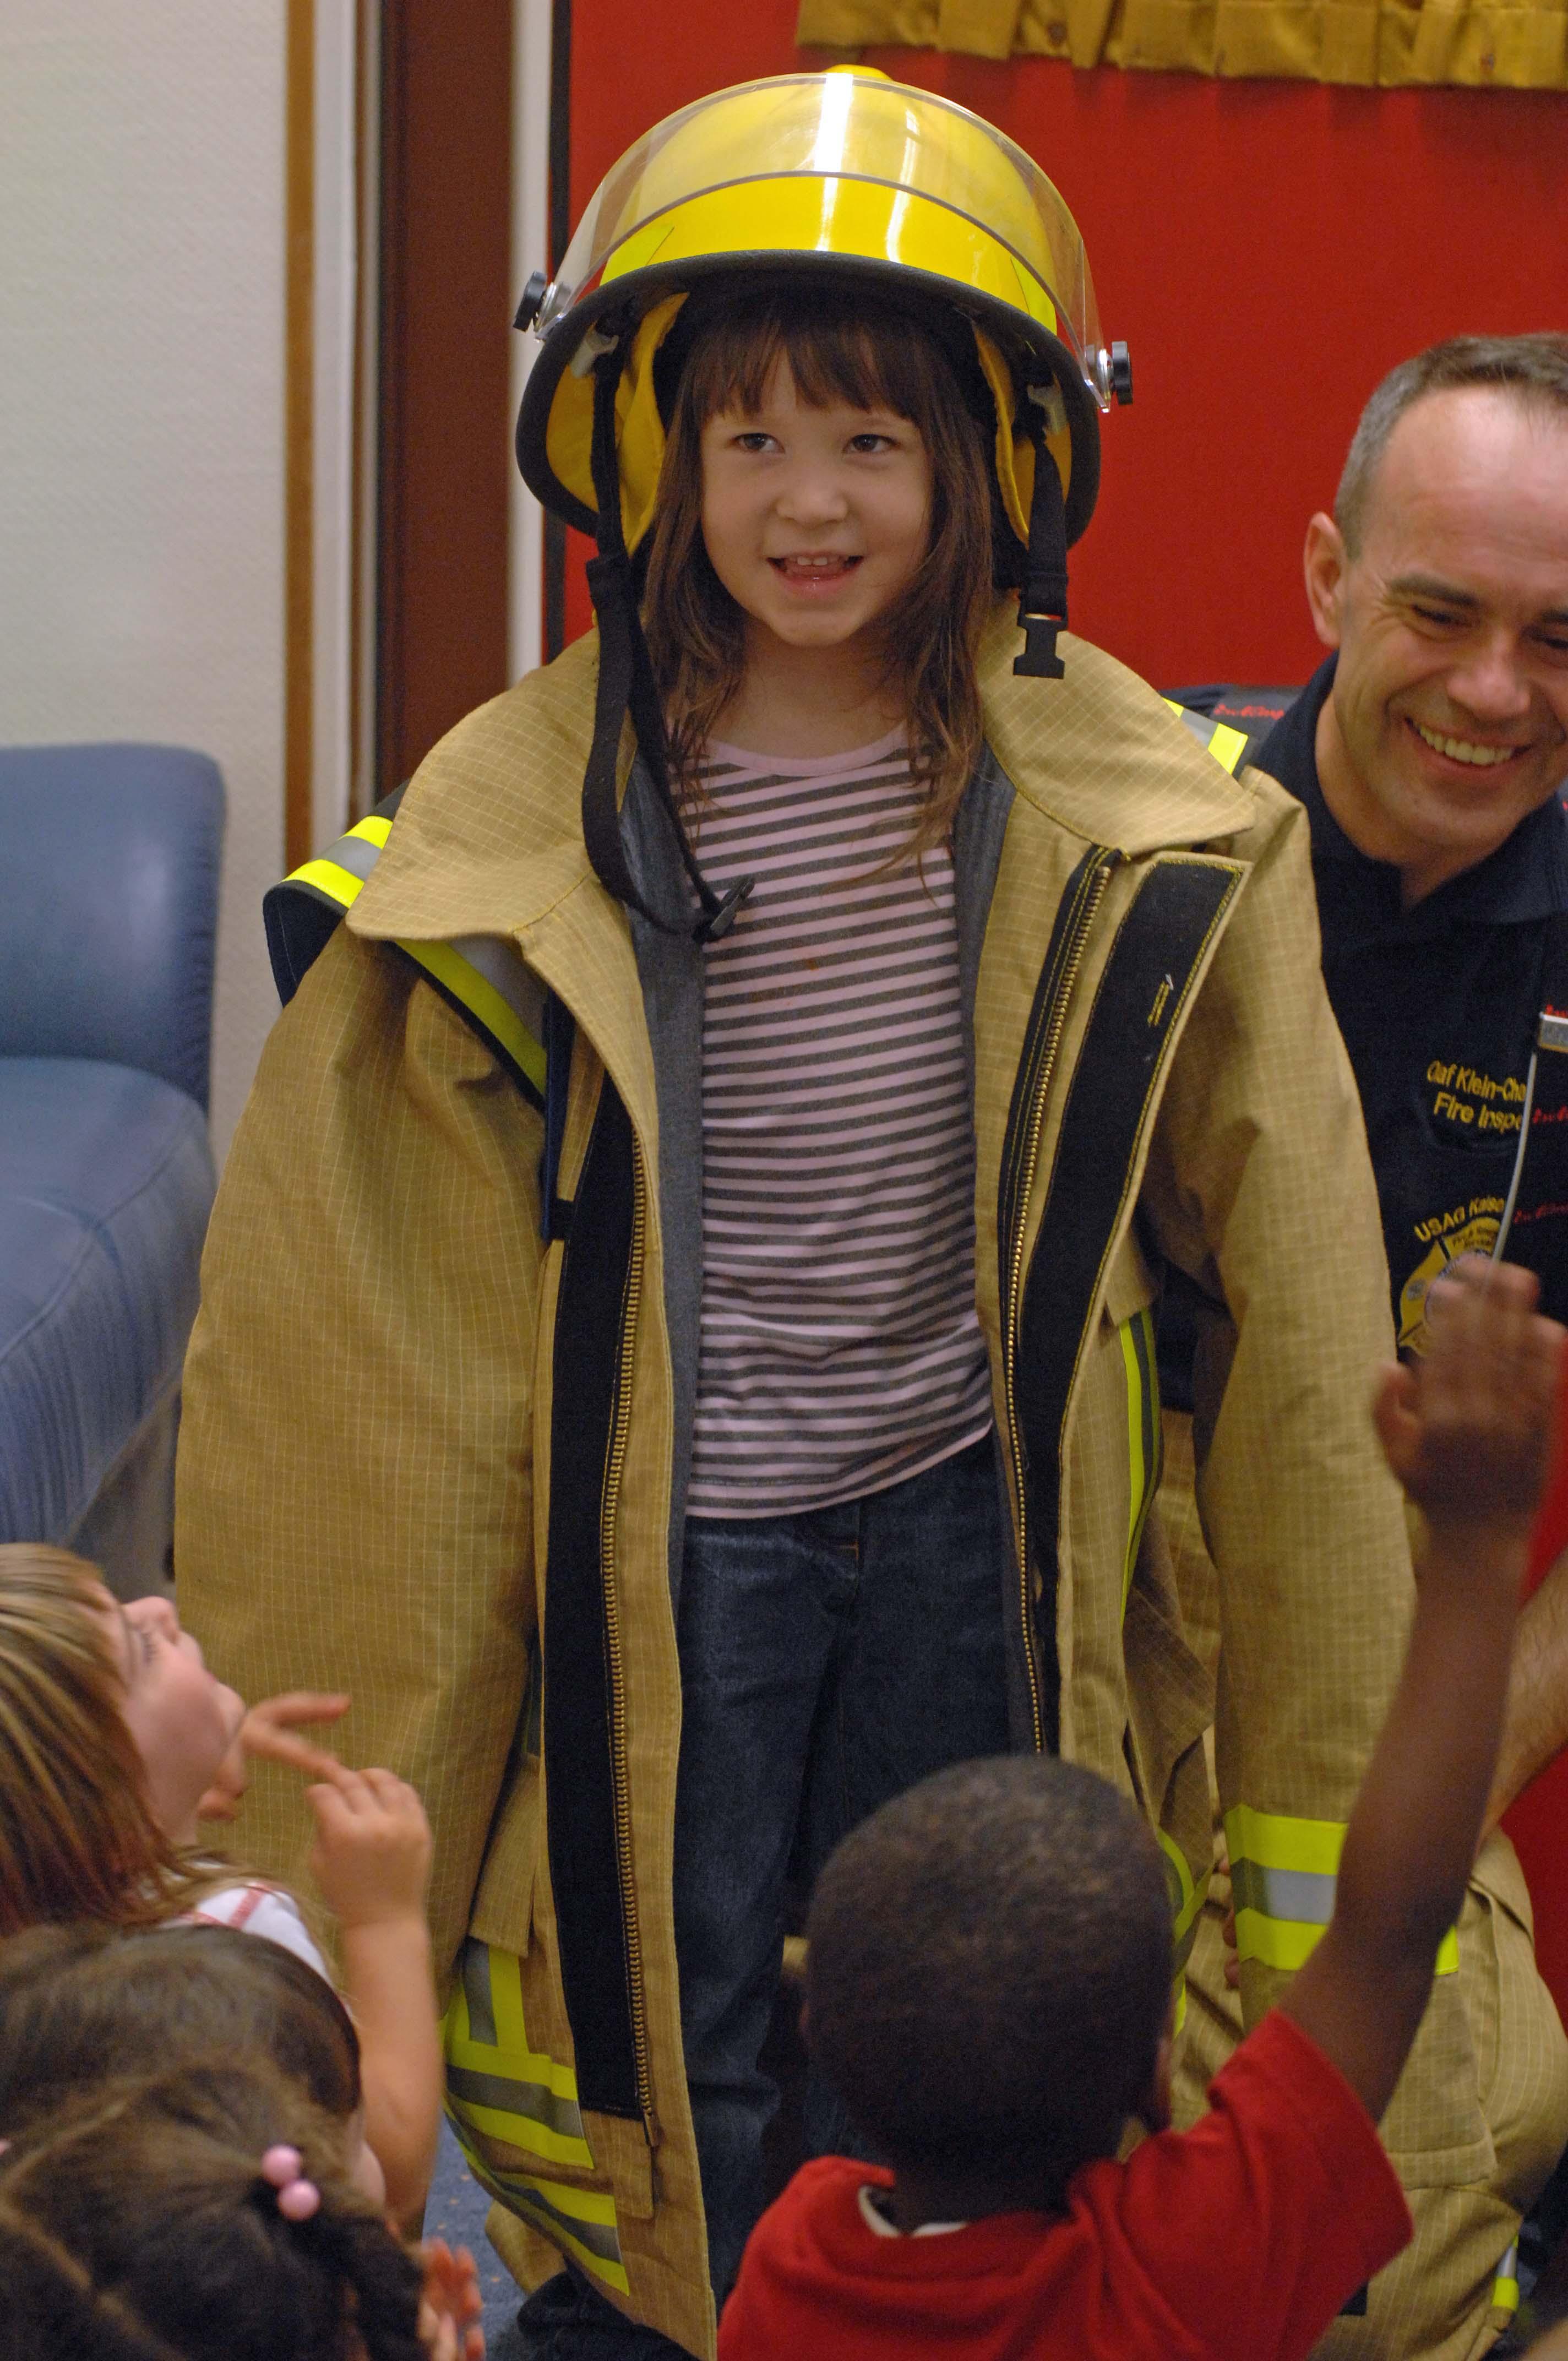 Girl dressed like firefighter